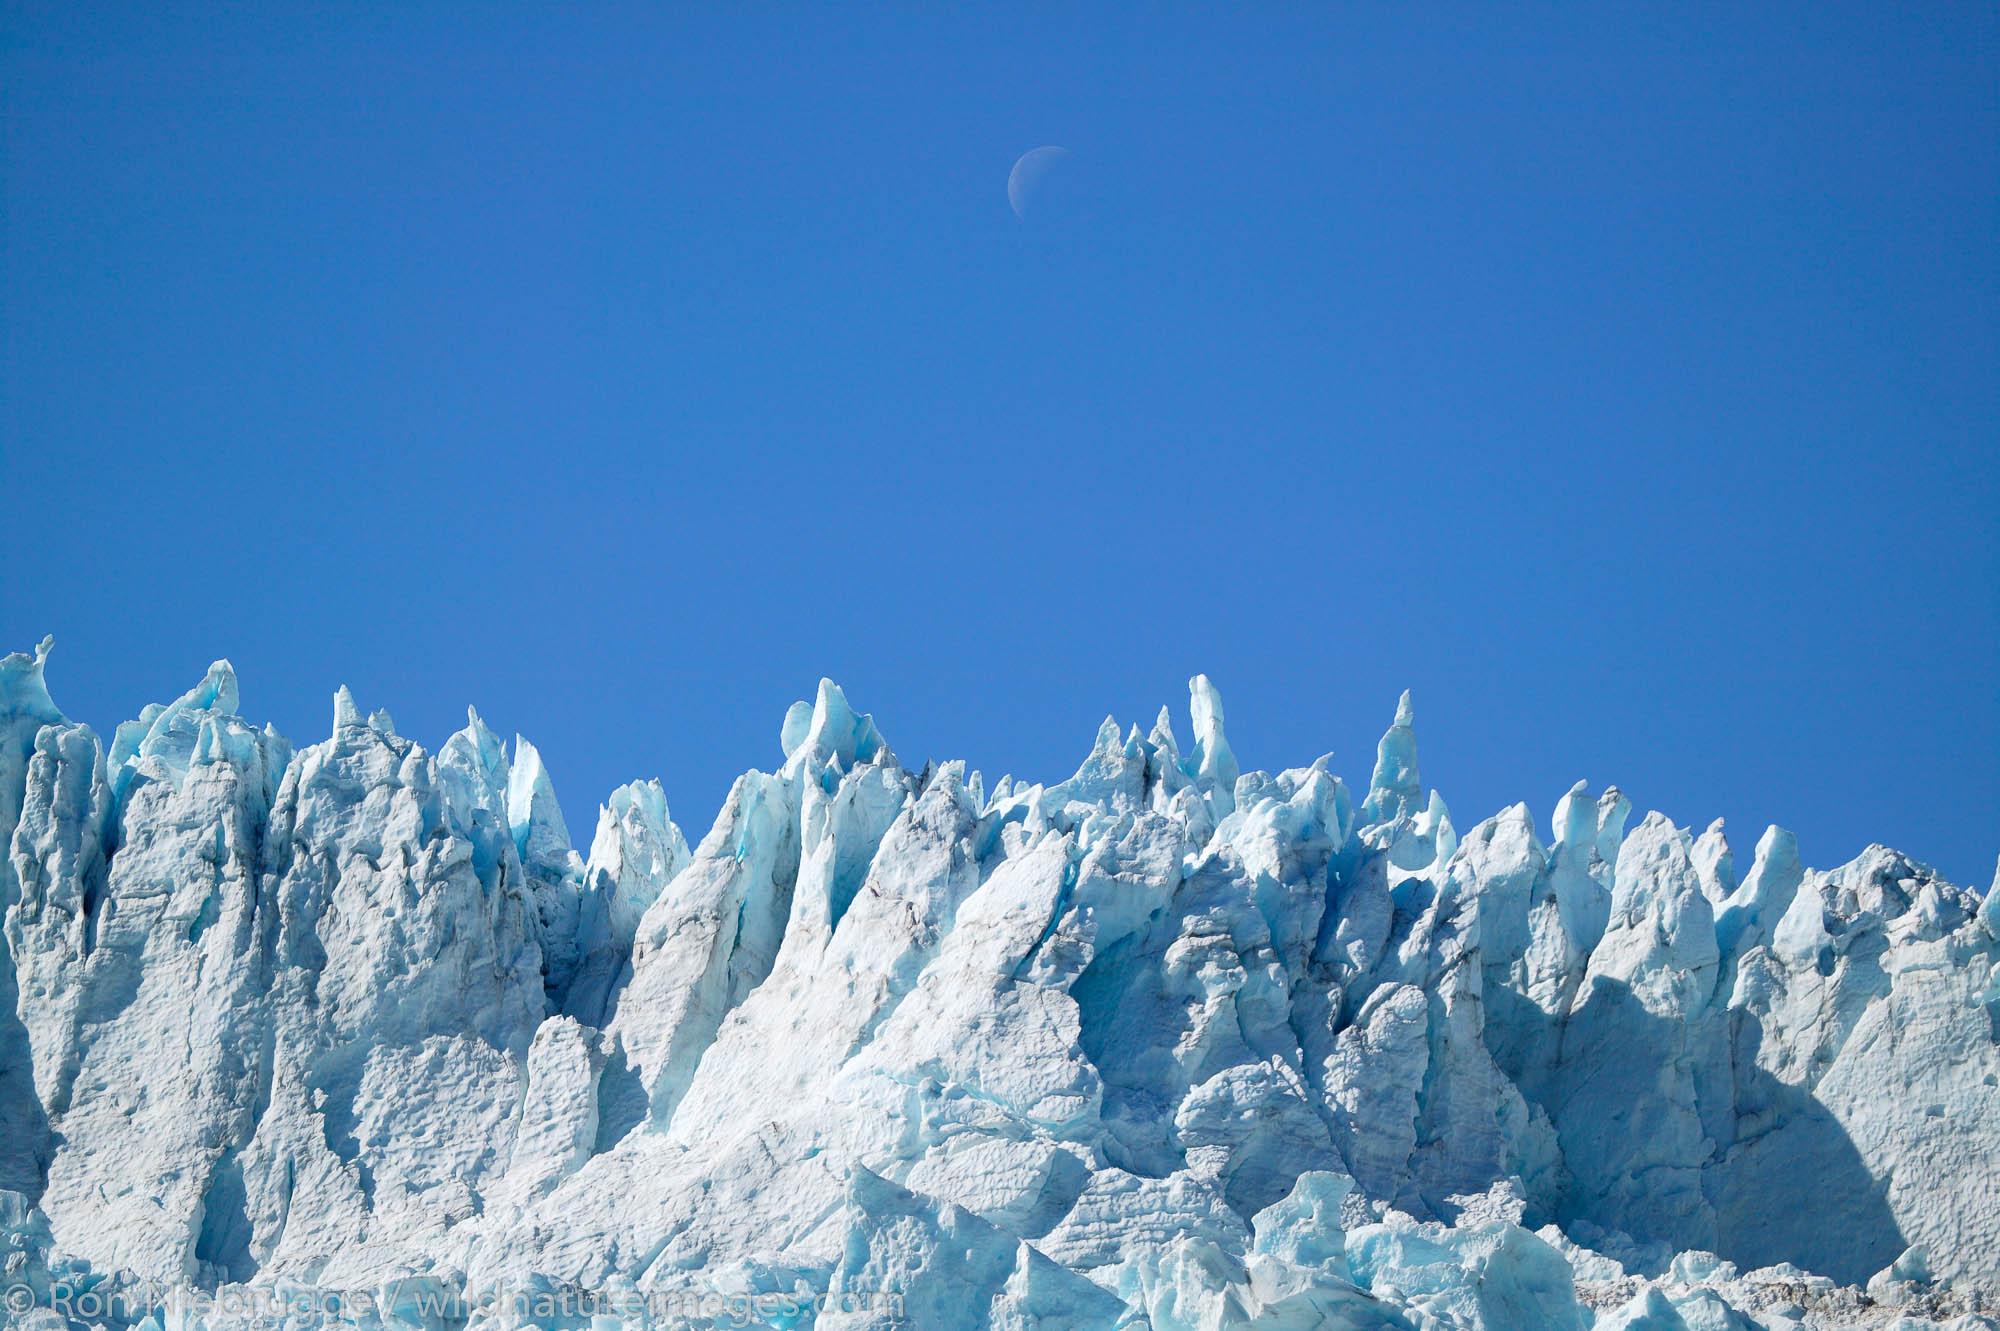 Holgate Glacier, Holgate Arm, Aialik Bay, Kenai Fjords National Park, Alaska.